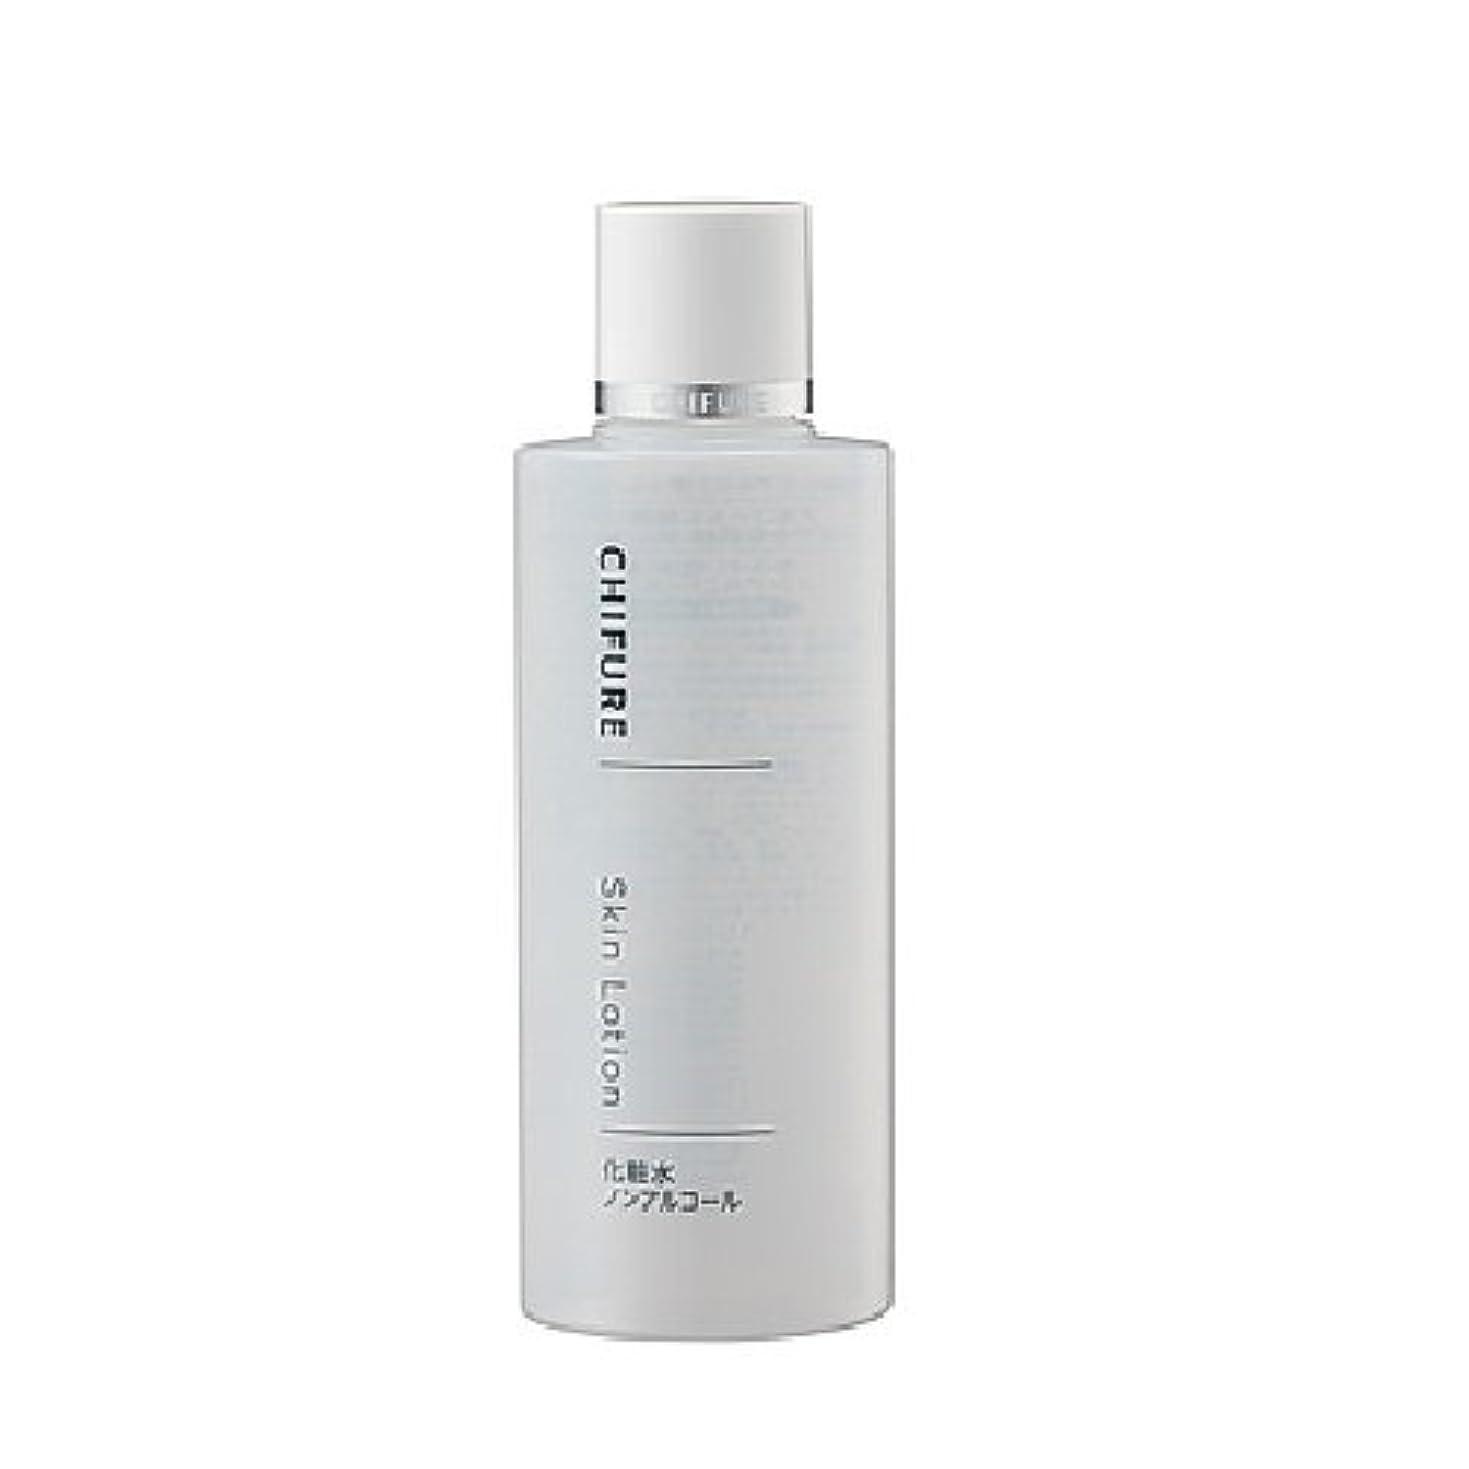 知覚できる研究所抽象化ちふれ化粧品 化粧水 ノンアルコールタイプ 180ML